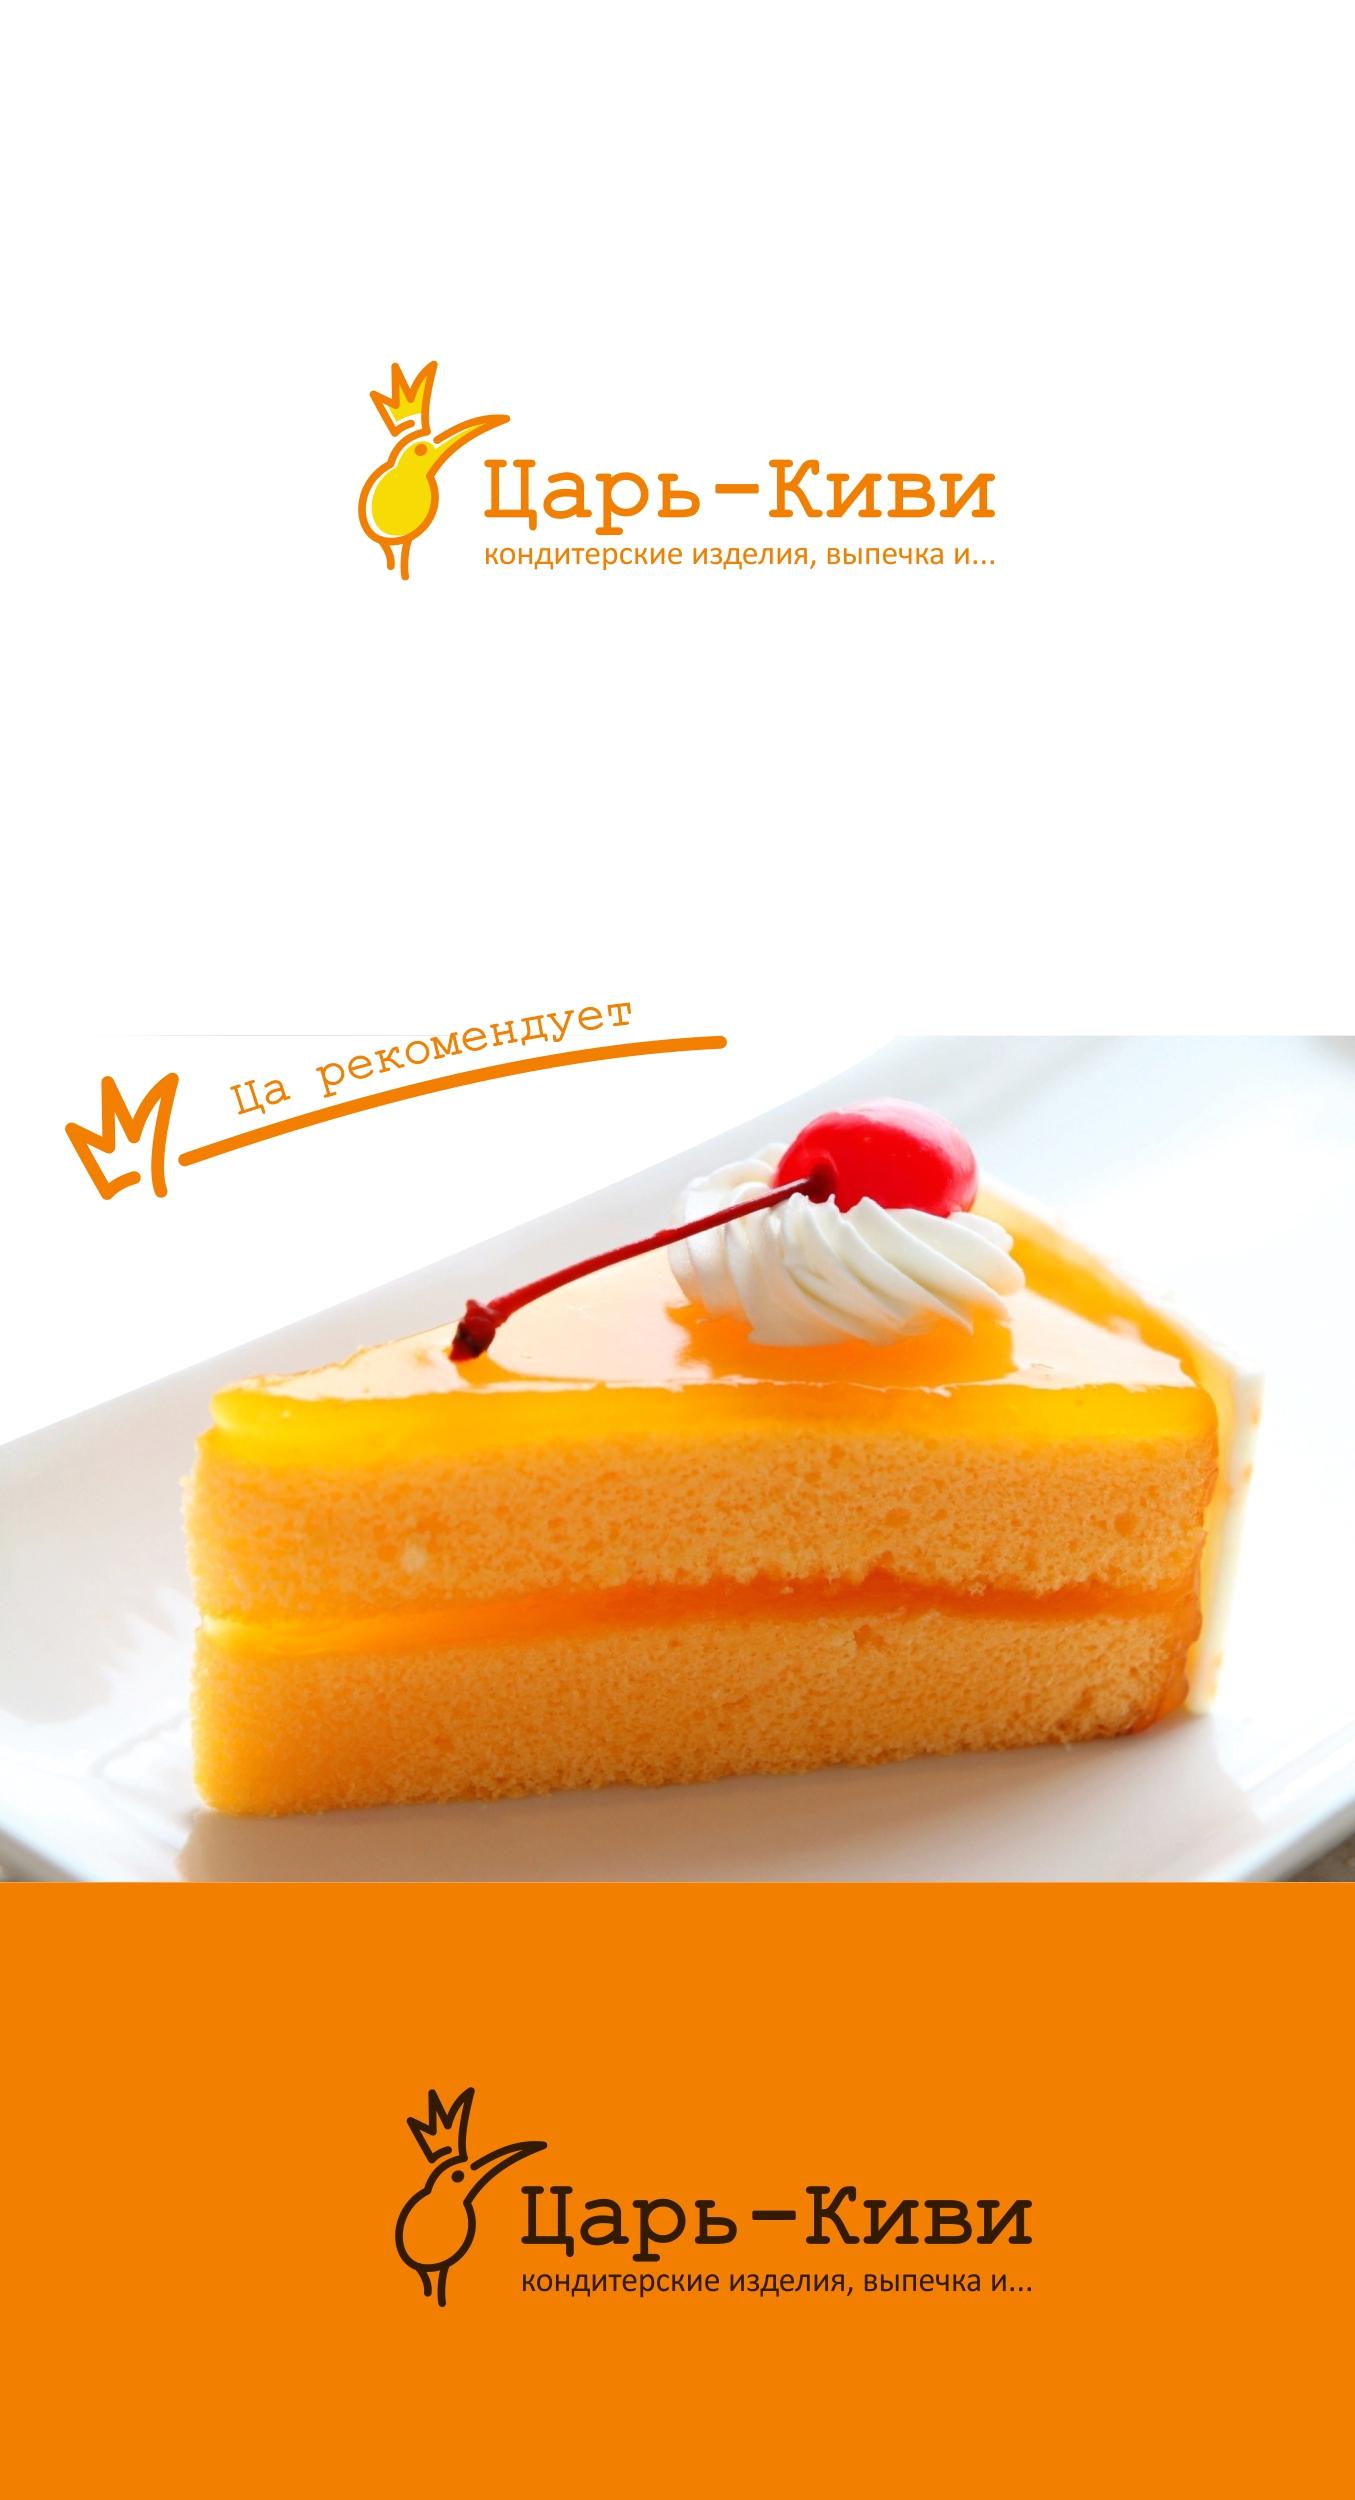 """Доработать дизайн логотипа кафе-кондитерской """"Царь-Киви"""" фото f_4665a0311b4cfc54.jpg"""